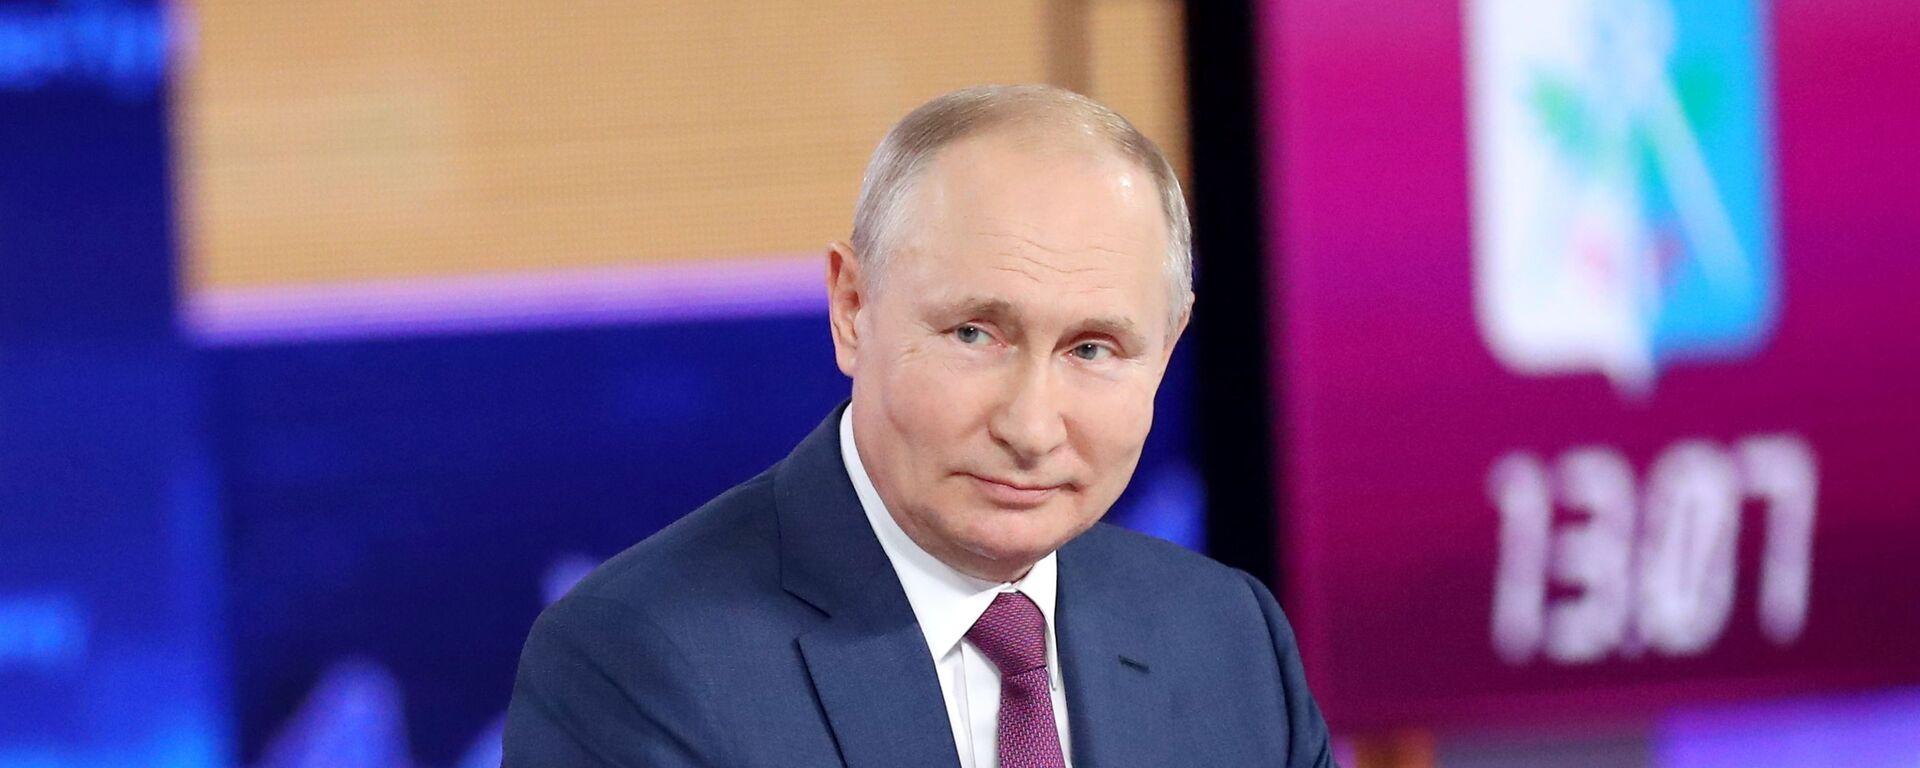 Vladimir Putin odpovídá na otázky občanů - Sputnik Česká republika, 1920, 30.06.2021